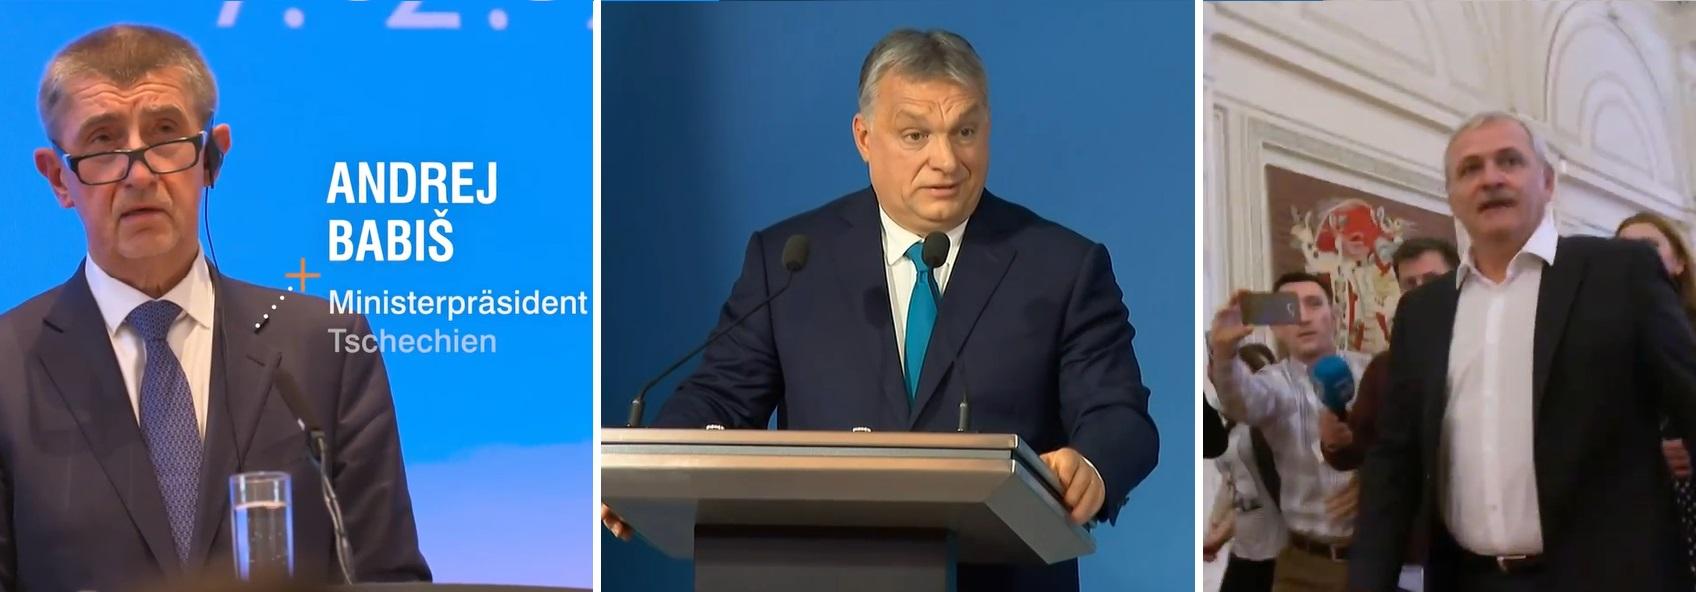 A német közszolgálati tévében feszegetni kezdték, hogyan ártott a demokráciáknak a Kelet-Európába öntött uniós pénz